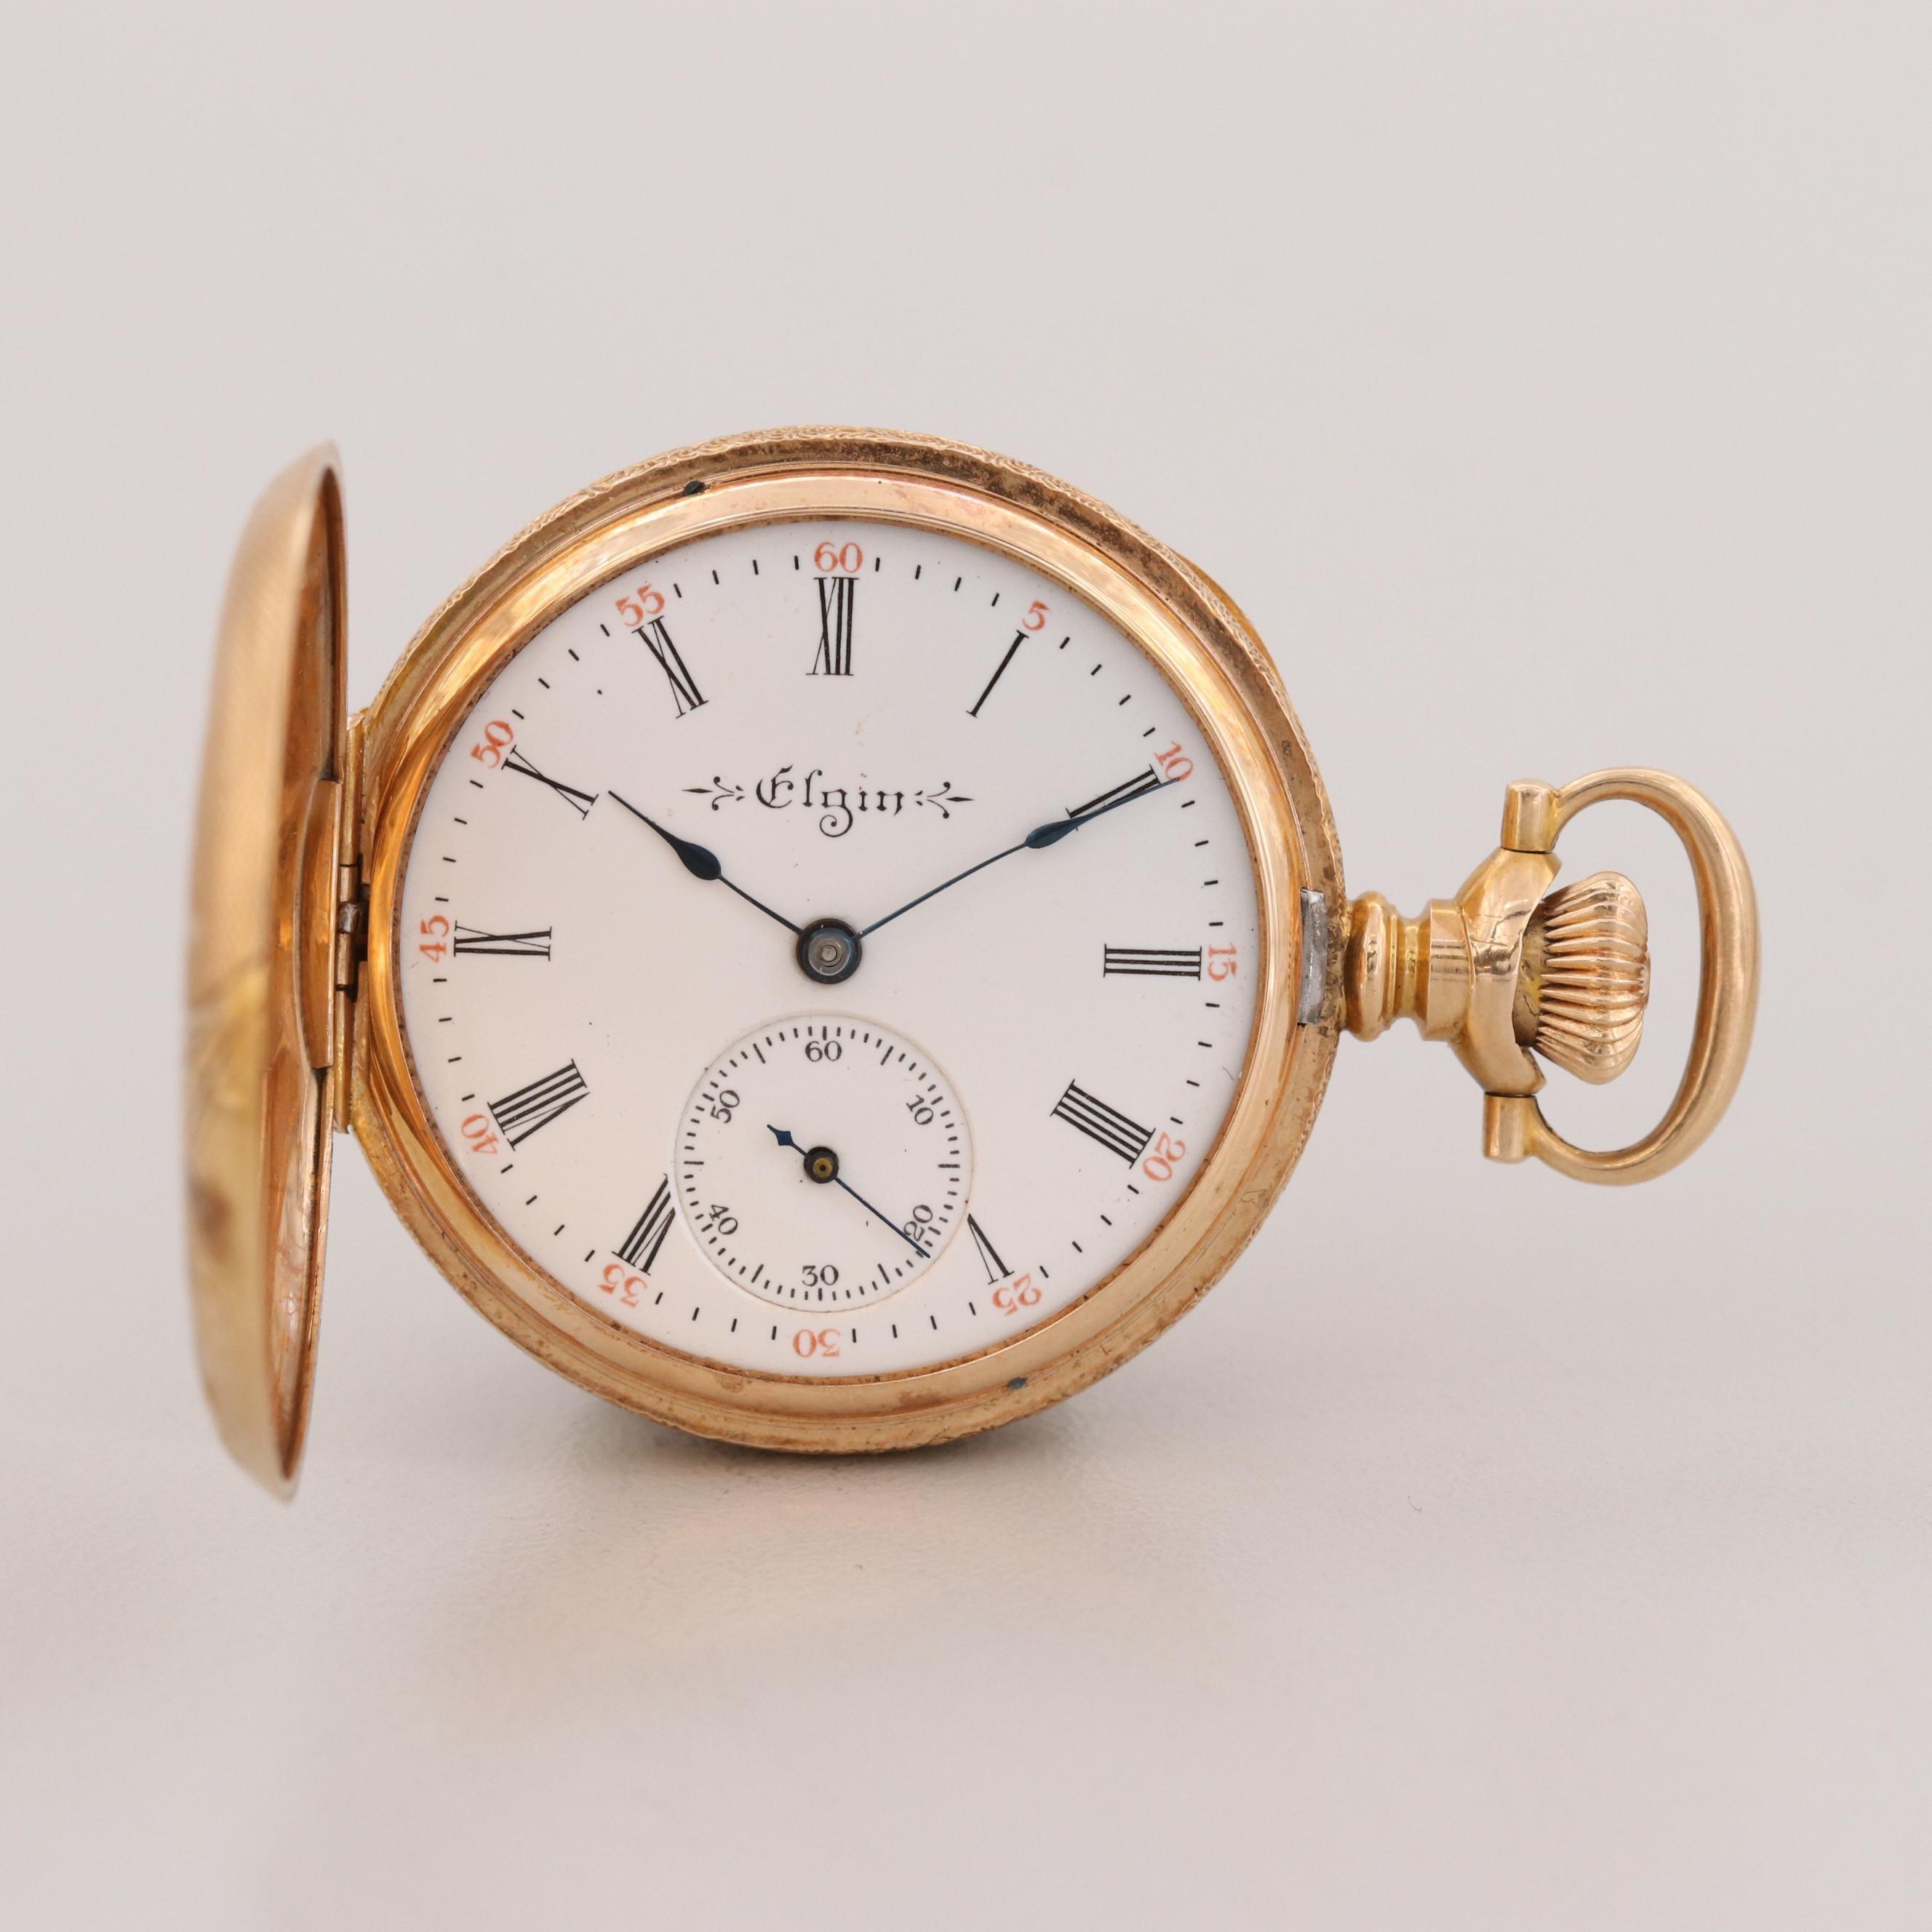 Antique Elgin 14K Gold Pocket Watch, 1904